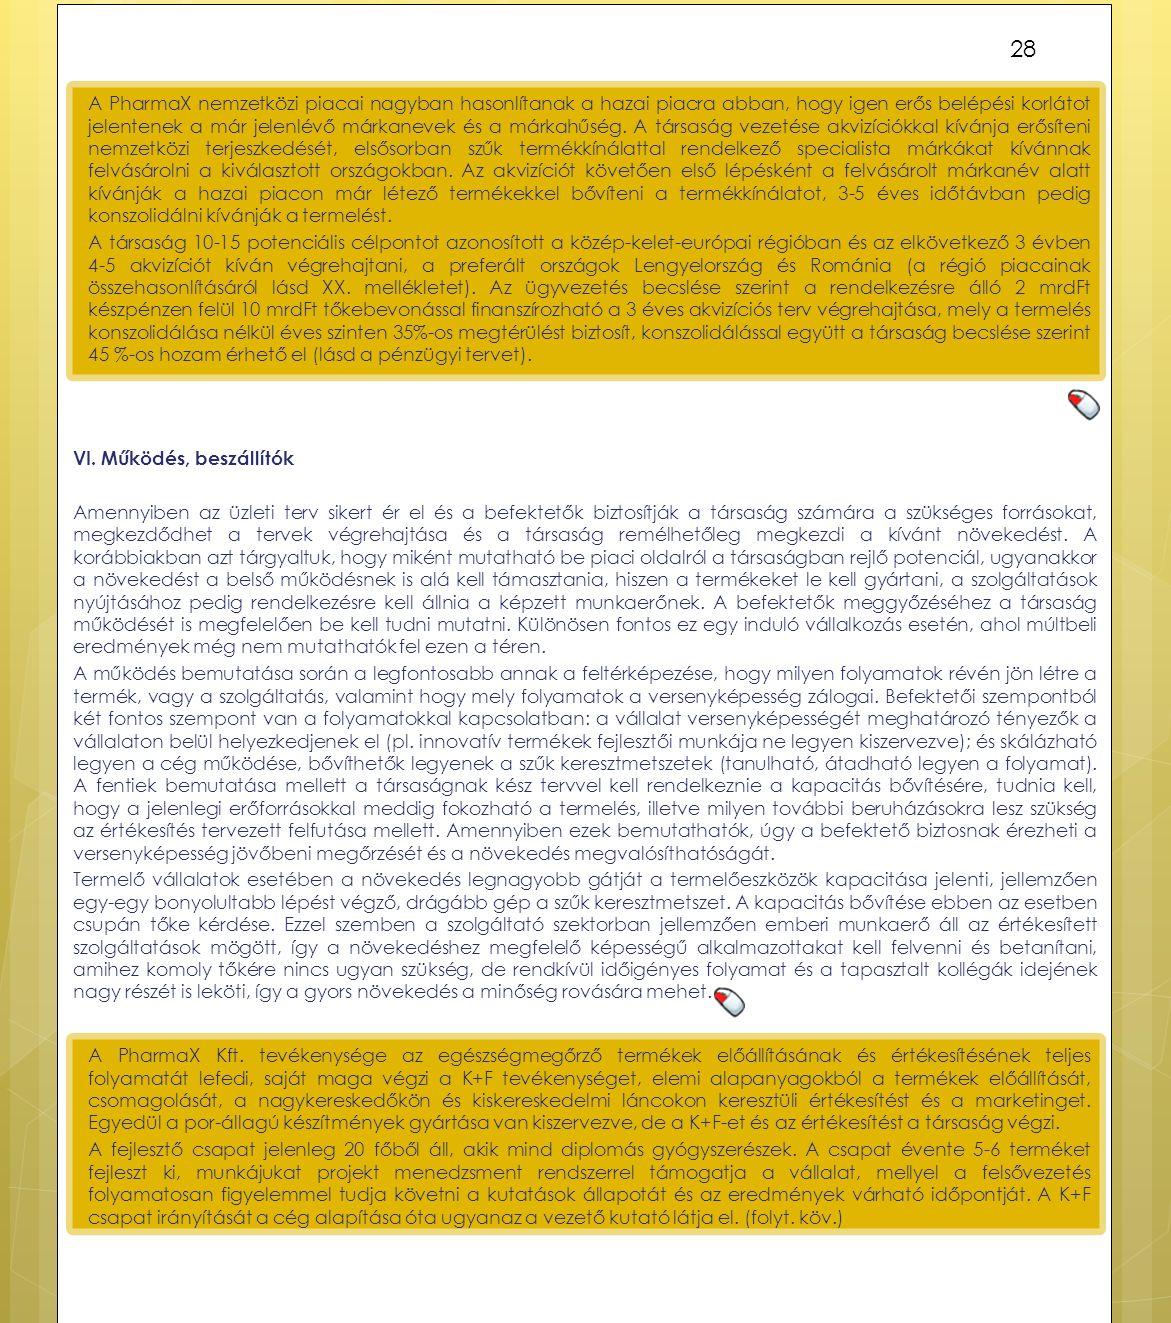 VI. Működés, beszállítók Amennyiben az üzleti terv sikert ér el és a befektetők biztosítják a társaság számára a szükséges forrásokat, megkezdődhet a